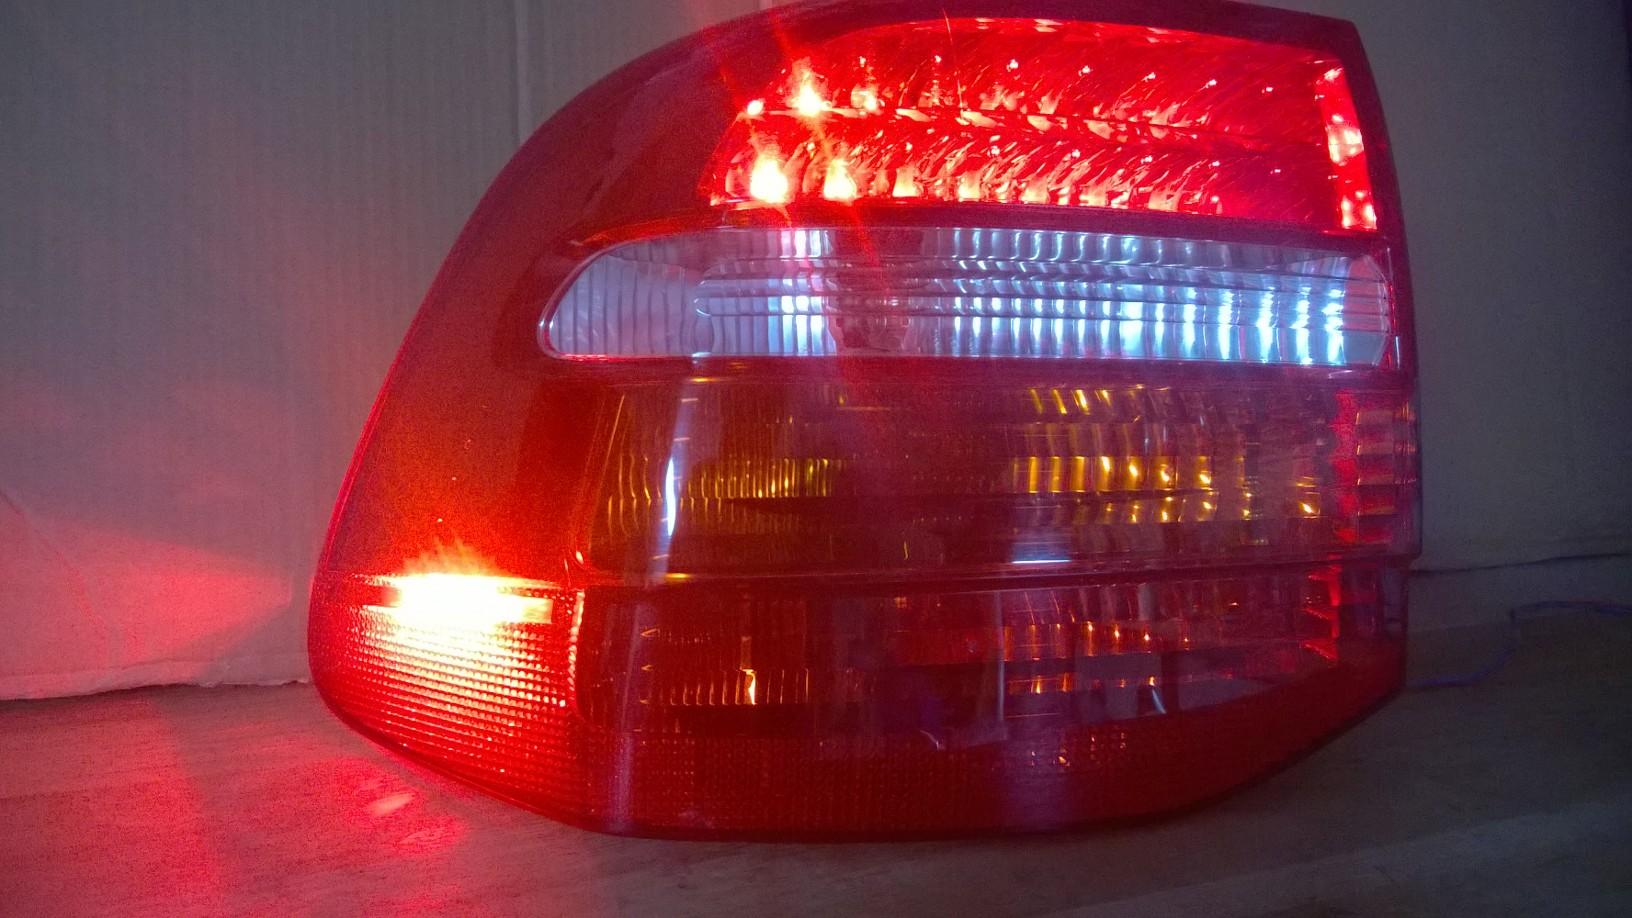 Reparatur von lampen porsche cayenne reparatur von for Lampen reparatur